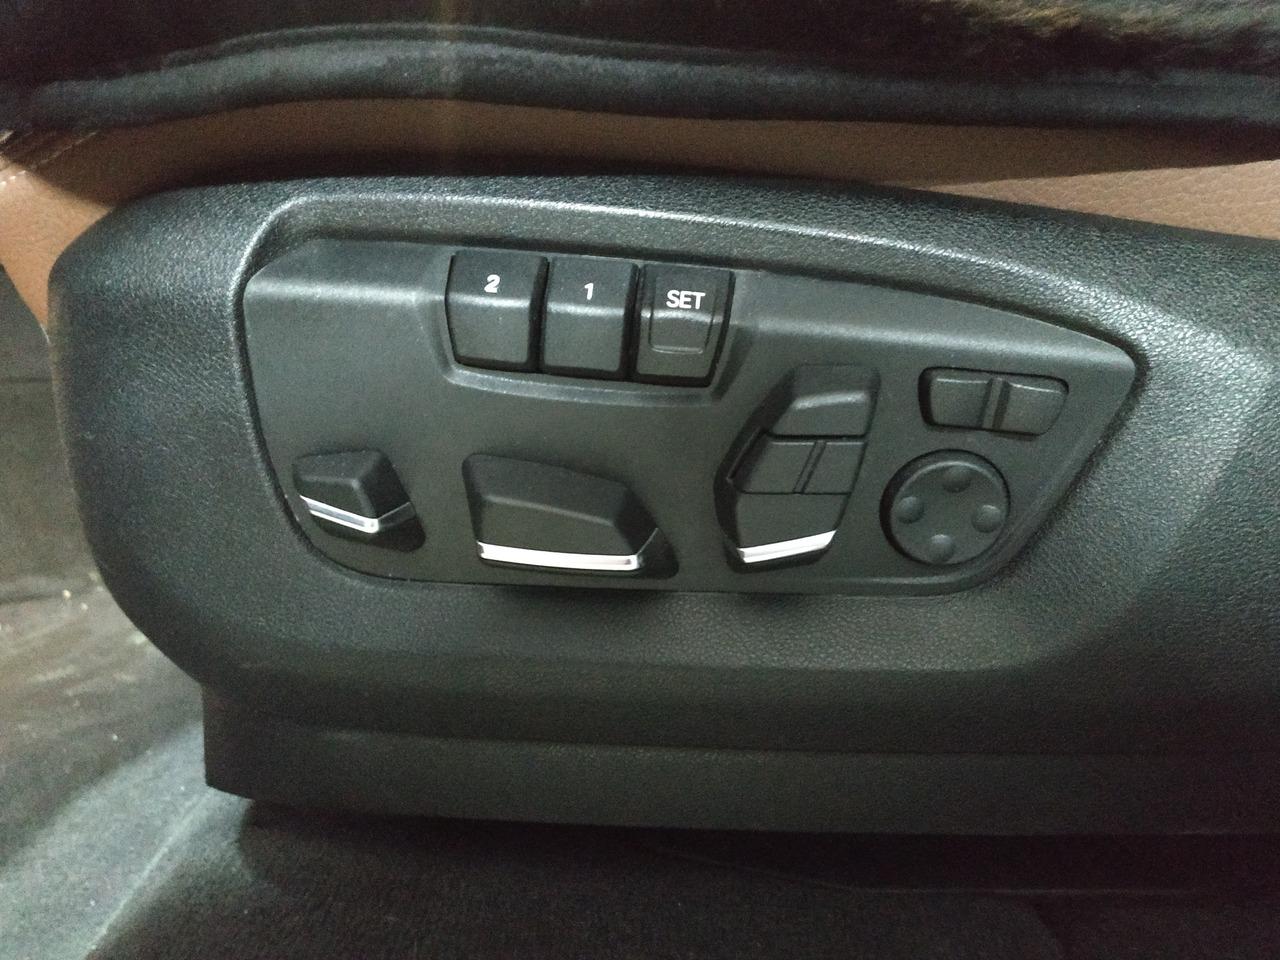 кнопки регулировки водительского сиденья